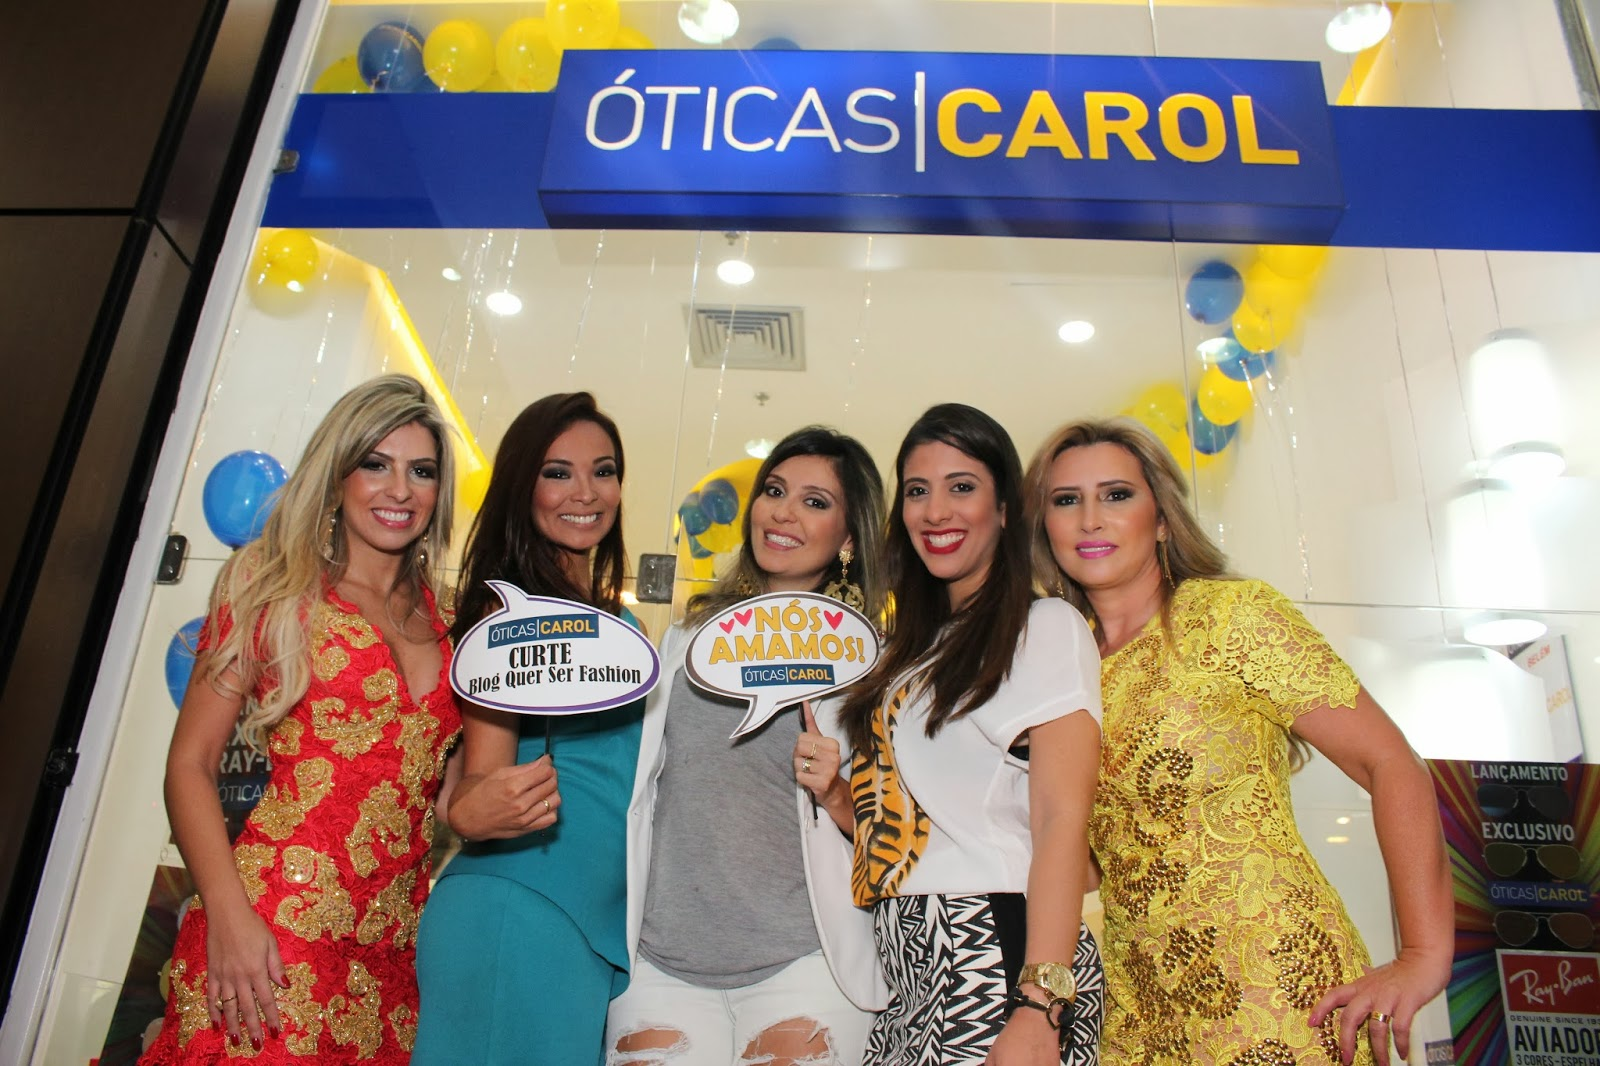 ea281437293f7 Quer ser fashion!  Inauguração Óticas Carol Pátio Belém